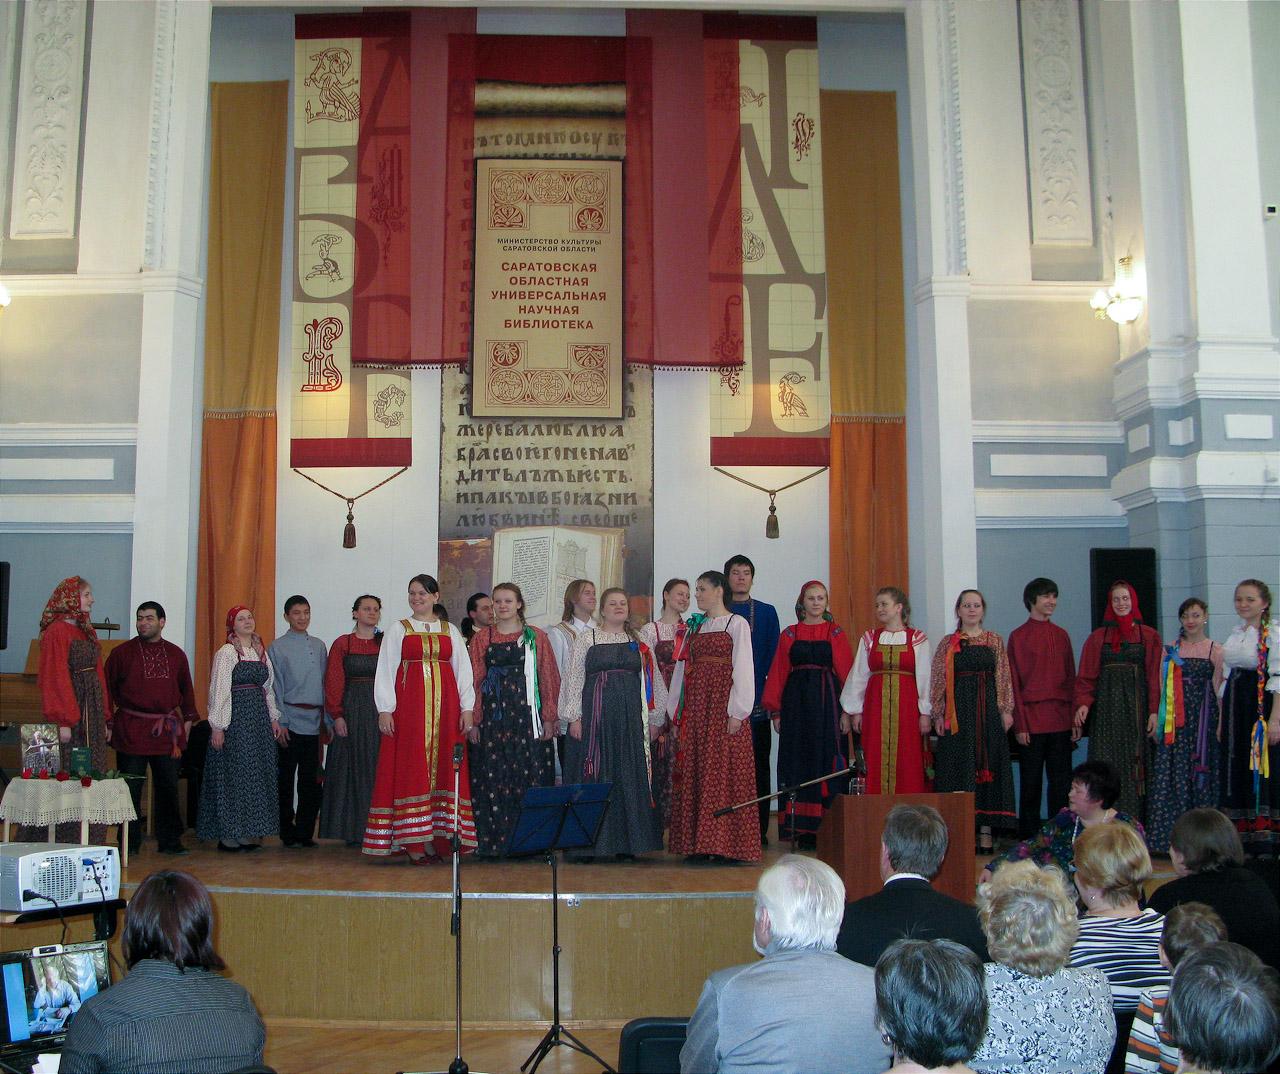 Николай Палькин - Песни На Стихи Николая Палькина